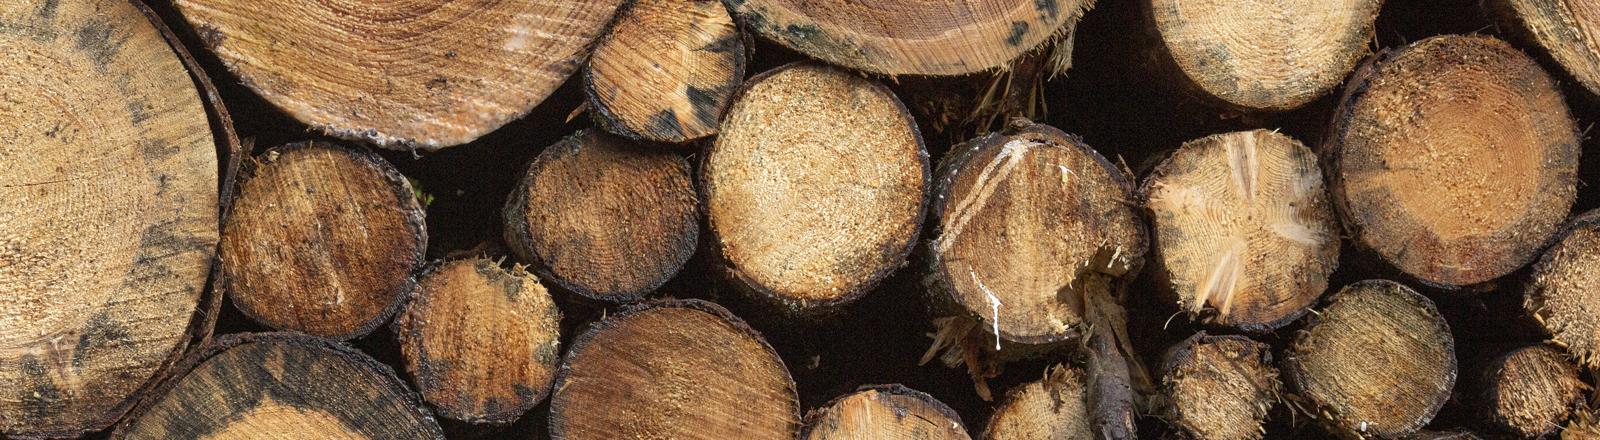 Nutzholz aus dem Thüringer Wald